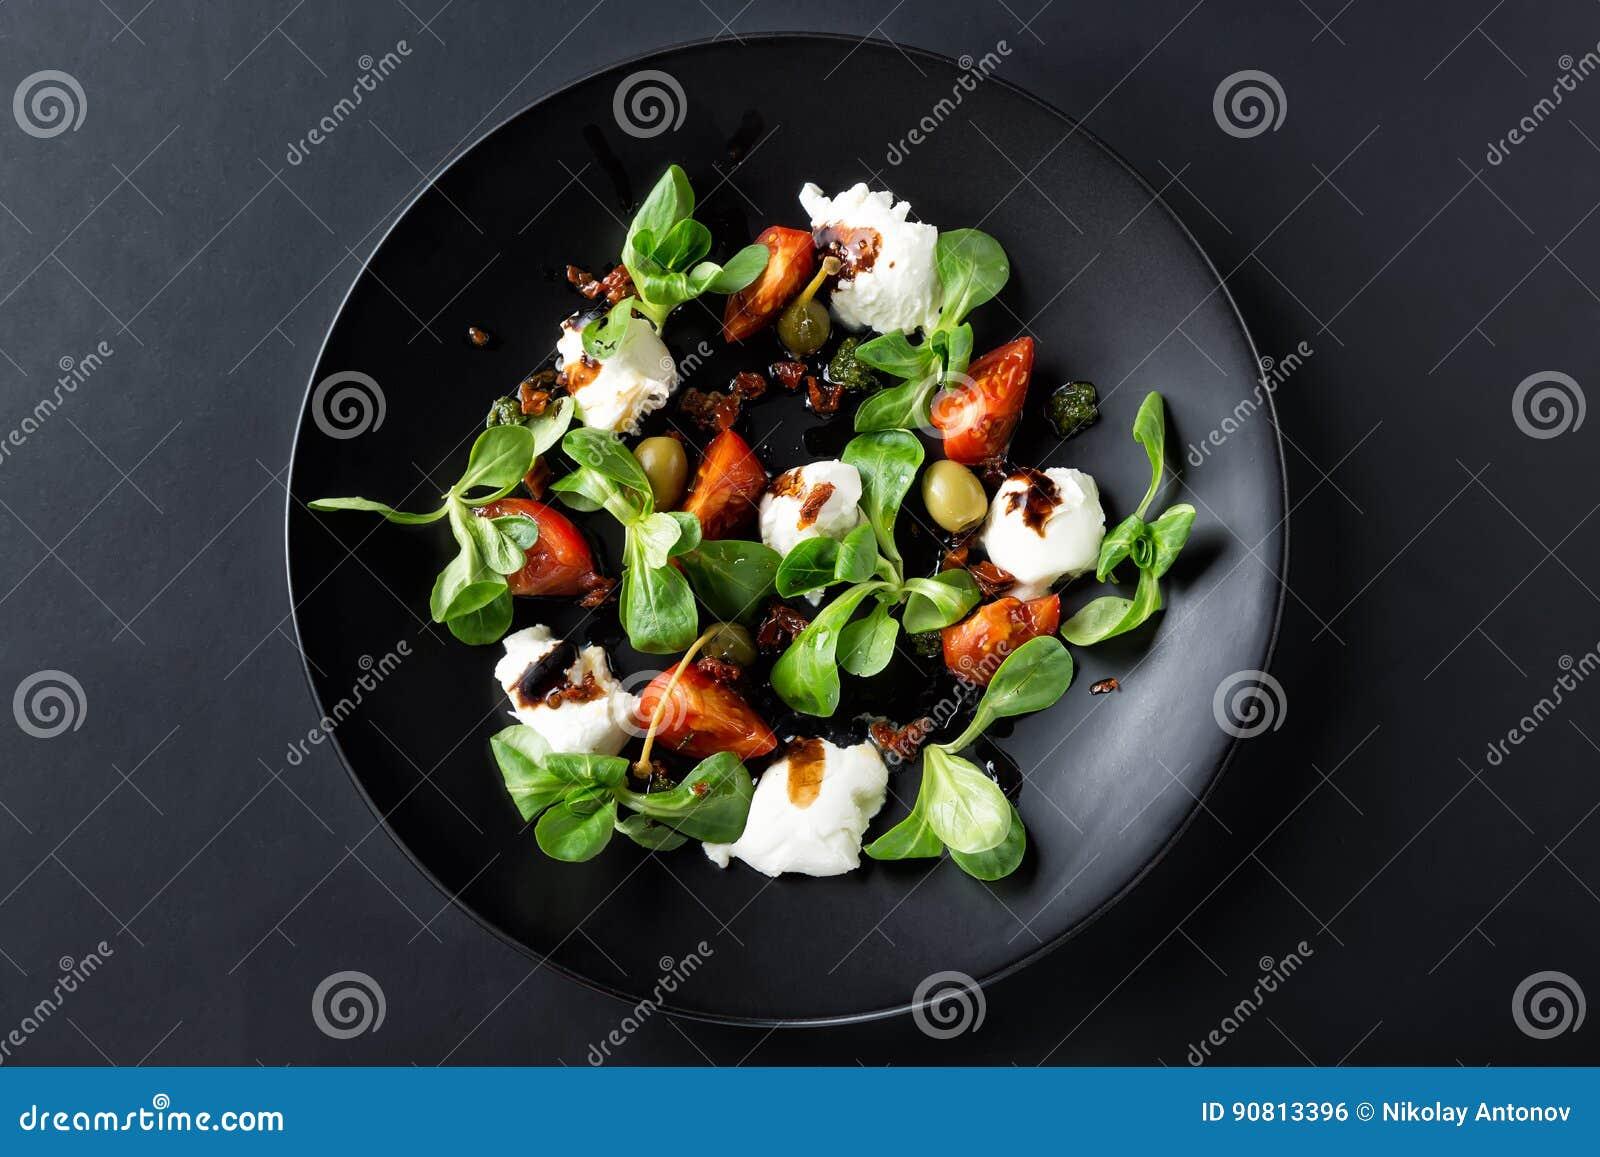 La salade de Caprese avec du mozzarella, la tomate, le basilic et le vinaigre balsamique a arrangé du plat noir et du fond foncé